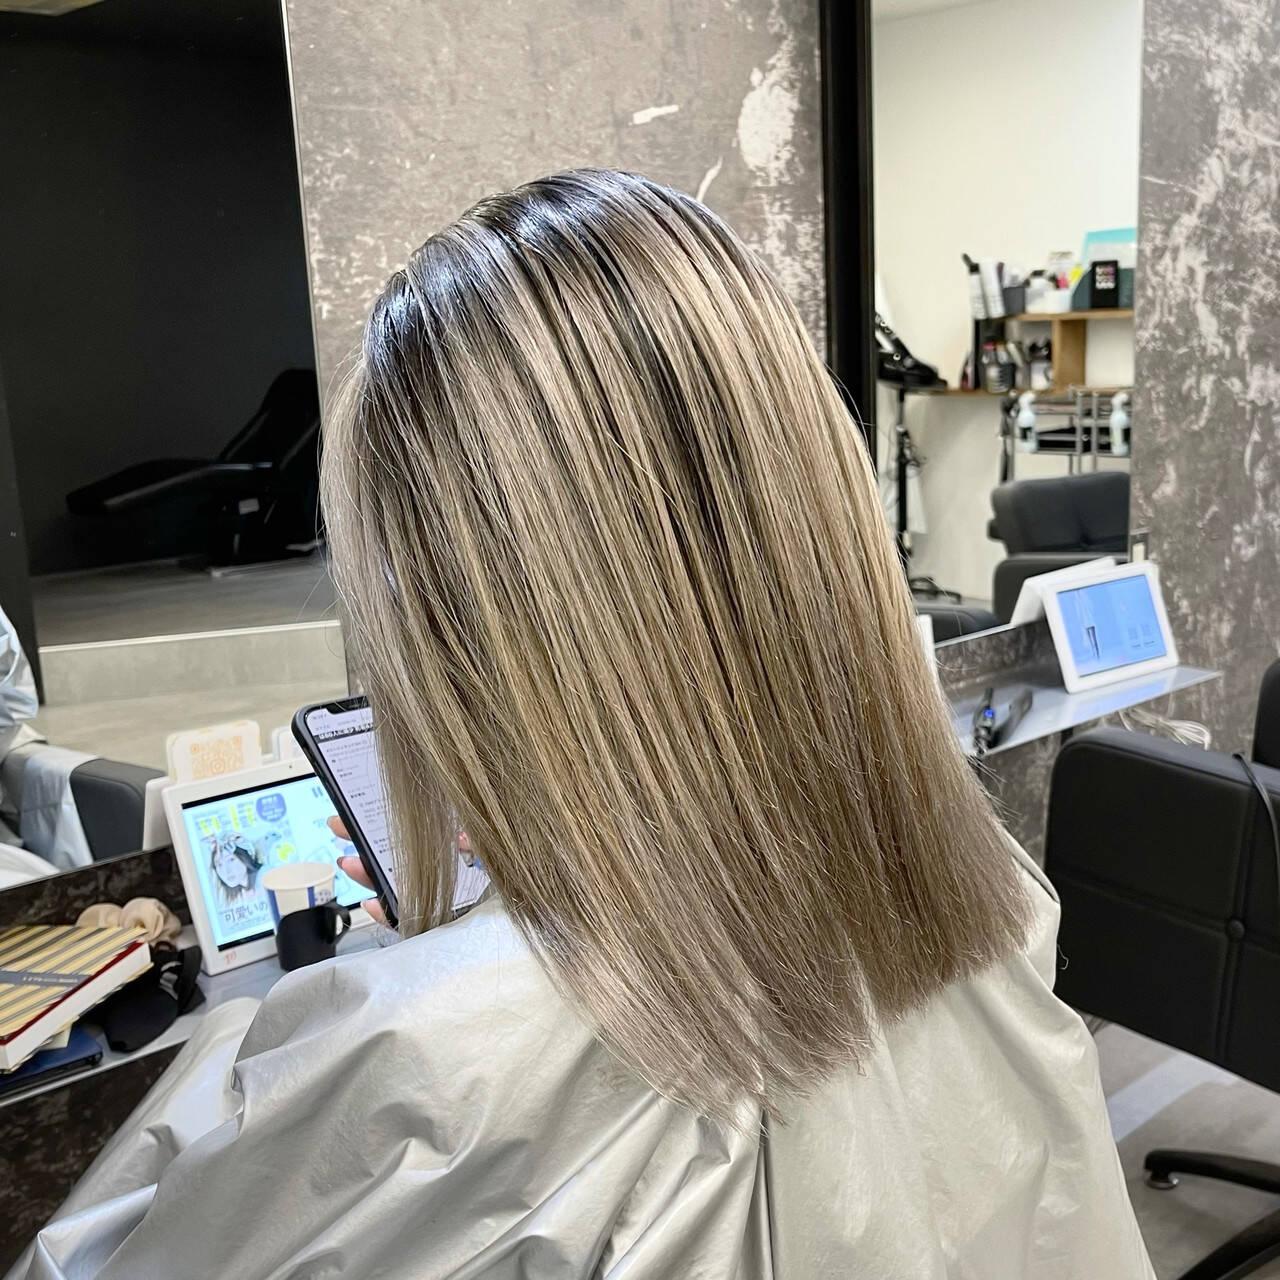 シルバーグレー 外国人風カラー ミディアム バレイヤージュヘアスタイルや髪型の写真・画像